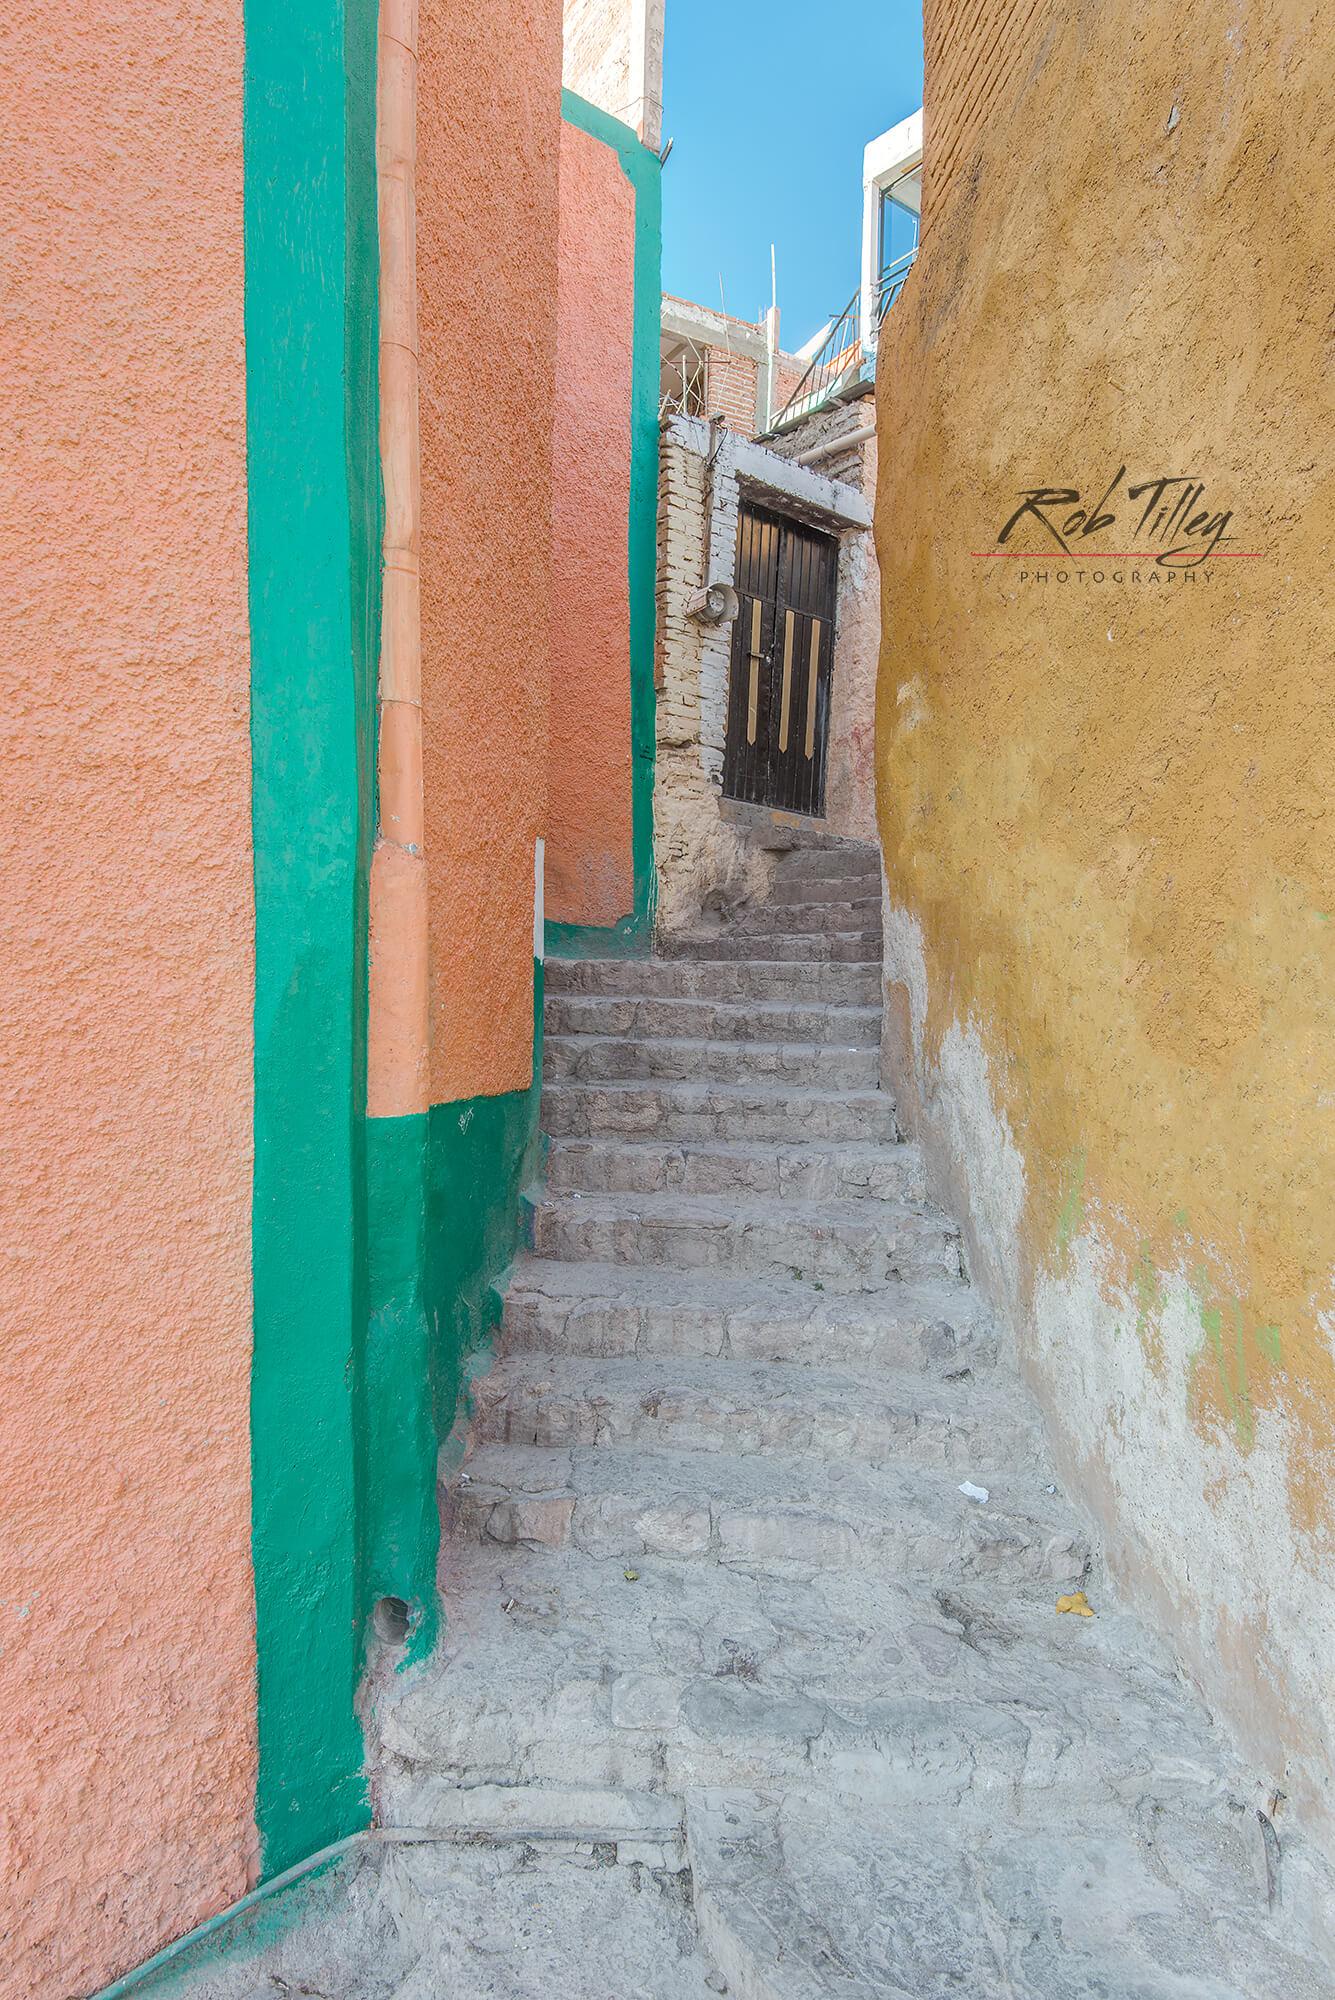 Guanajuato Alley II.jpg